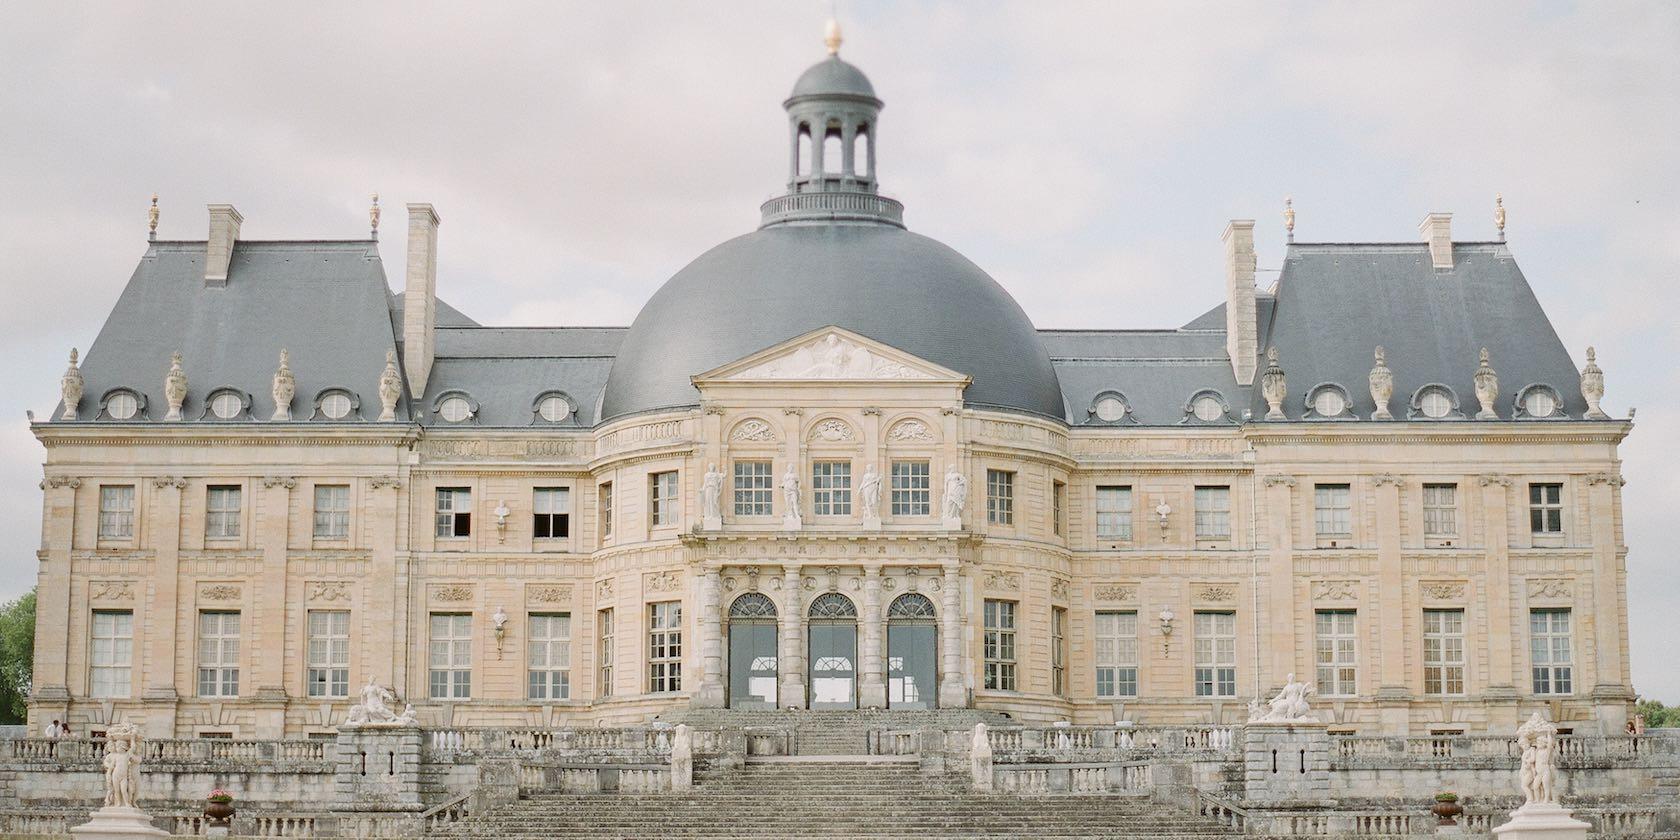 Vaux le Vicomte château wedding planner